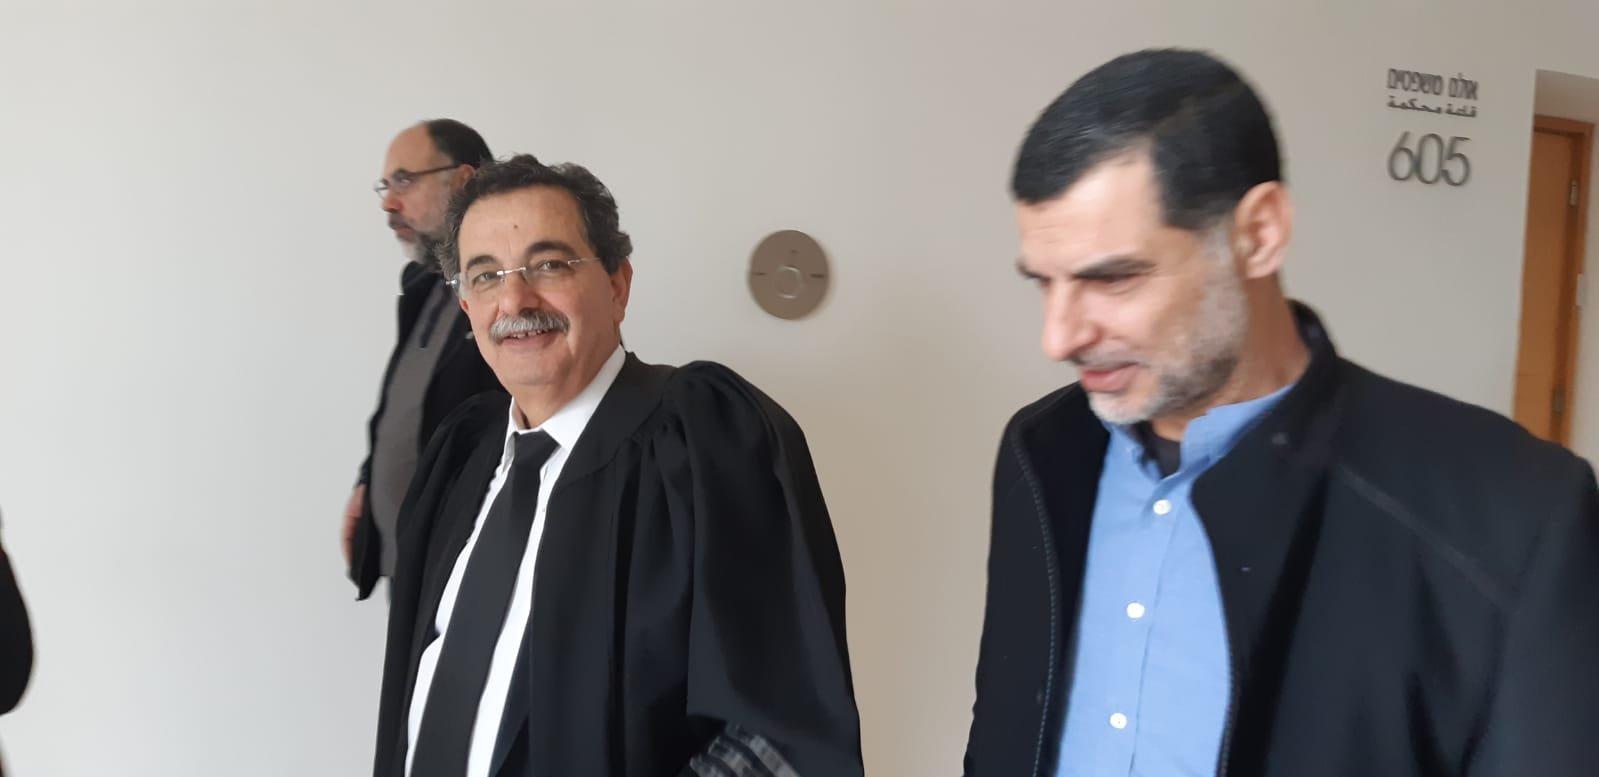 المحكمة ترفض استئناف الانتخابات بطمرة .. المحامي عماد دكور: سنقدم التماسًا للعليا